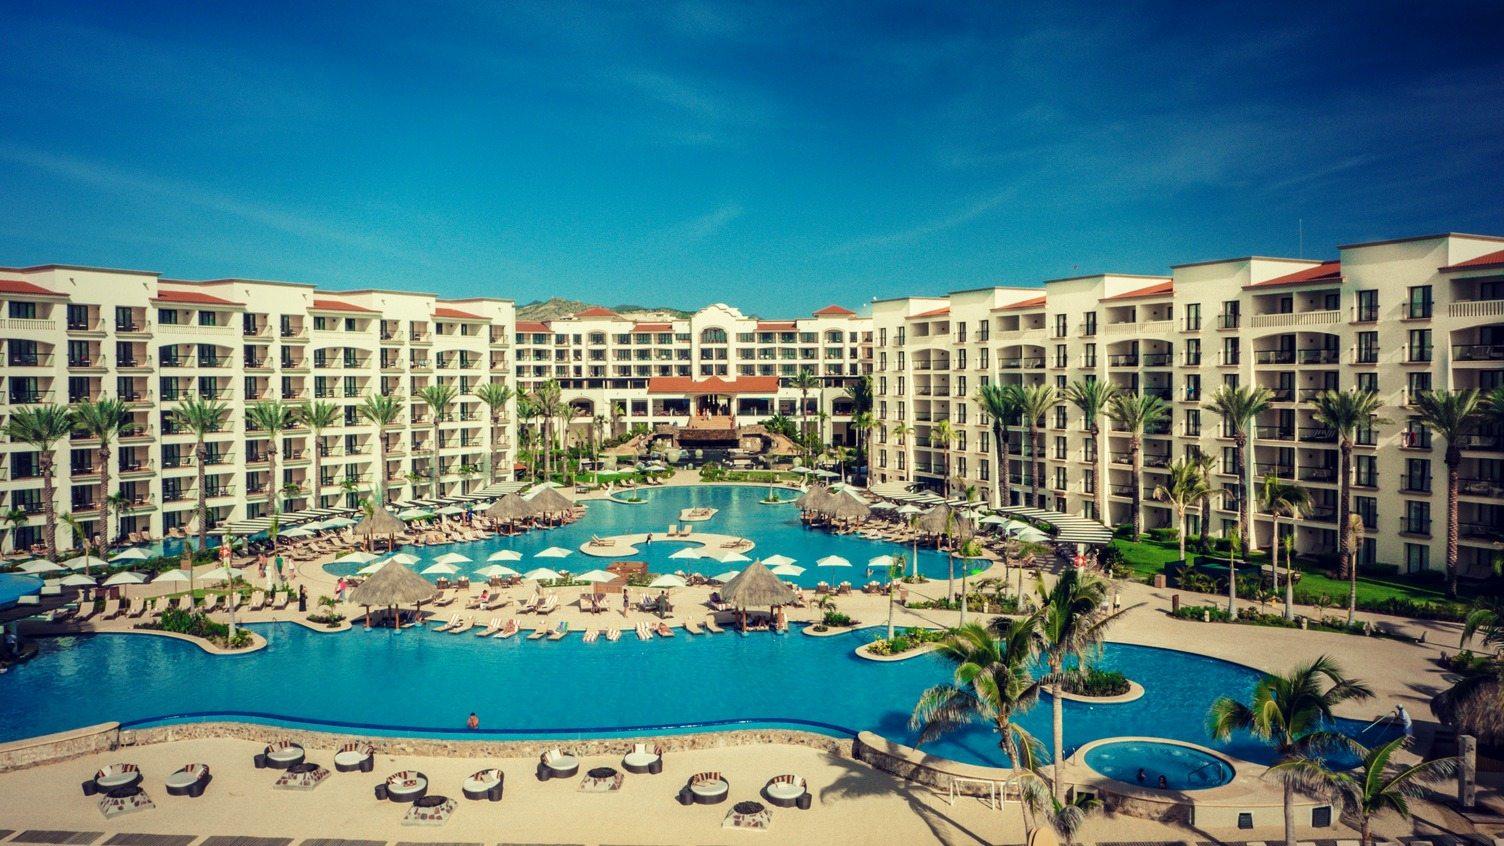 Hotel Focus – Hyatt Ziva Los Cabos